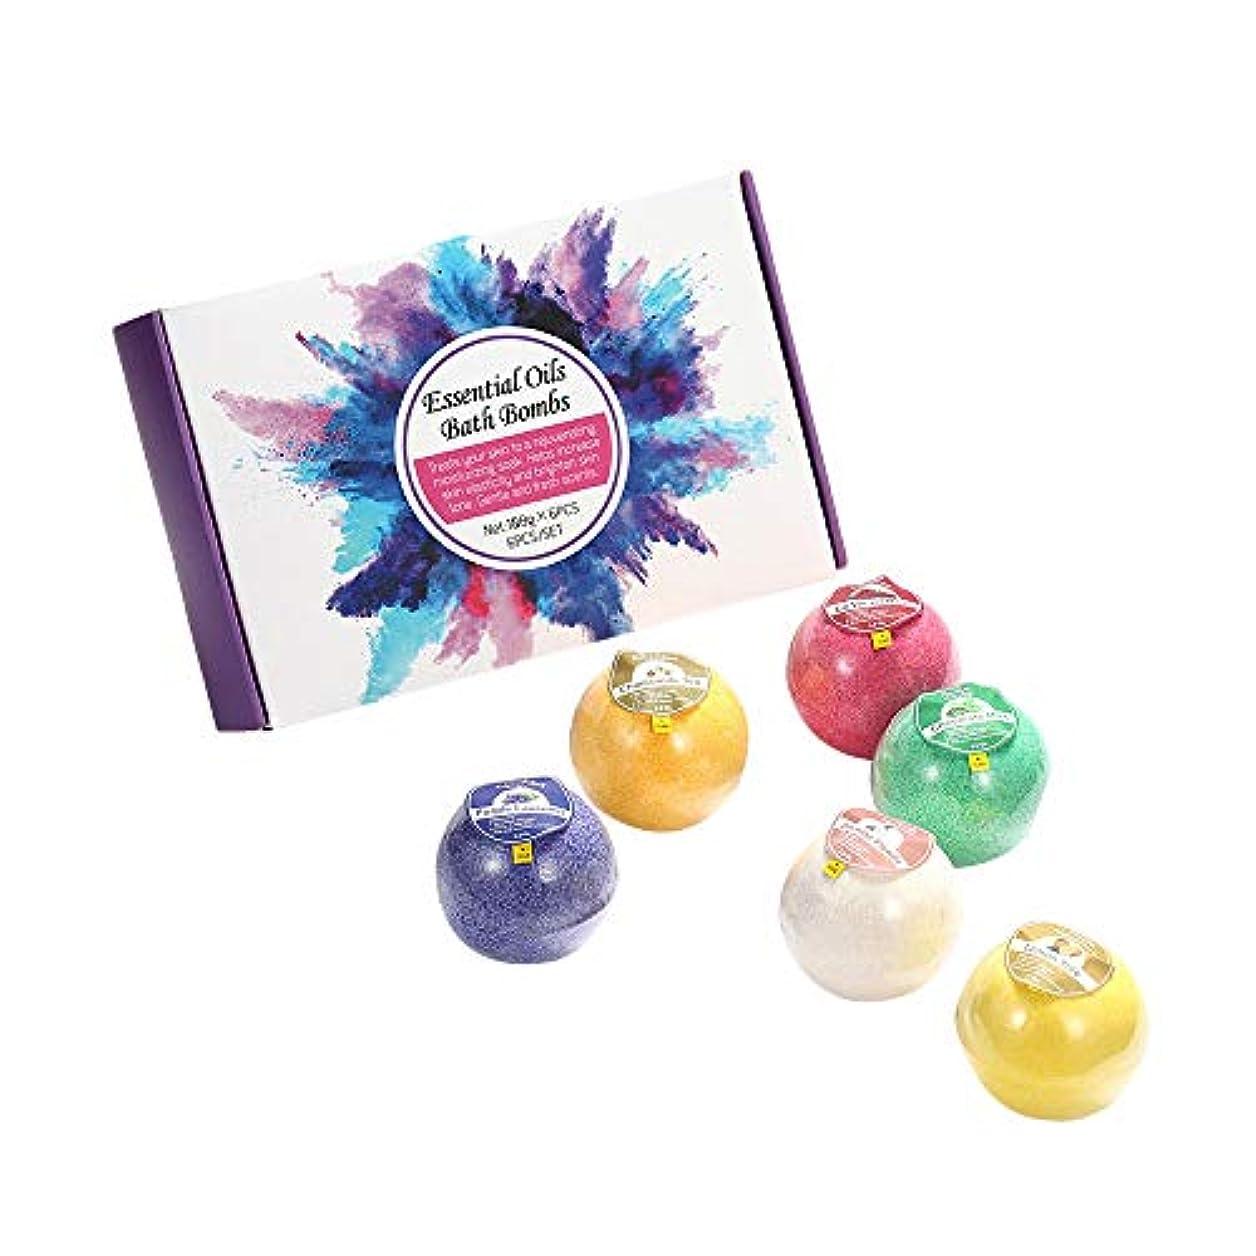 正直実施する玉お風呂爆弾セット-海塩dndエッセンシャルオイルバスボール、彼女/彼のための最高の誕生日プレゼントのアイデア